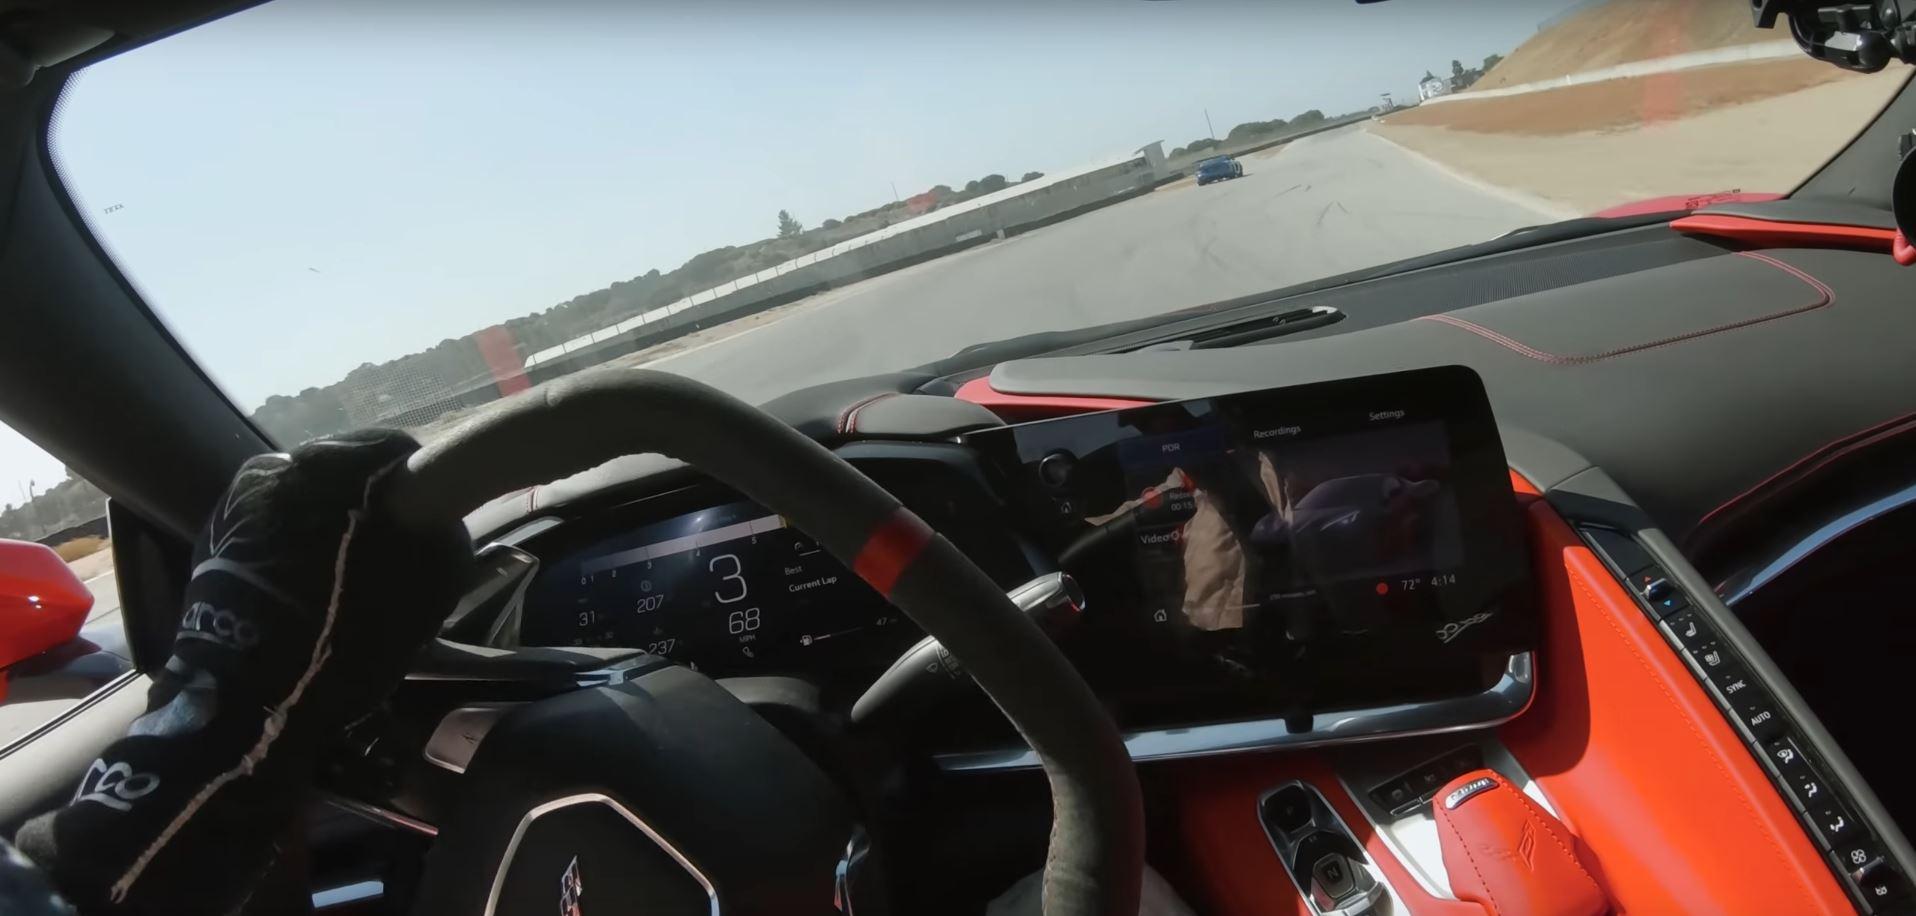 2020 Corvette C8 at Laguna Seca